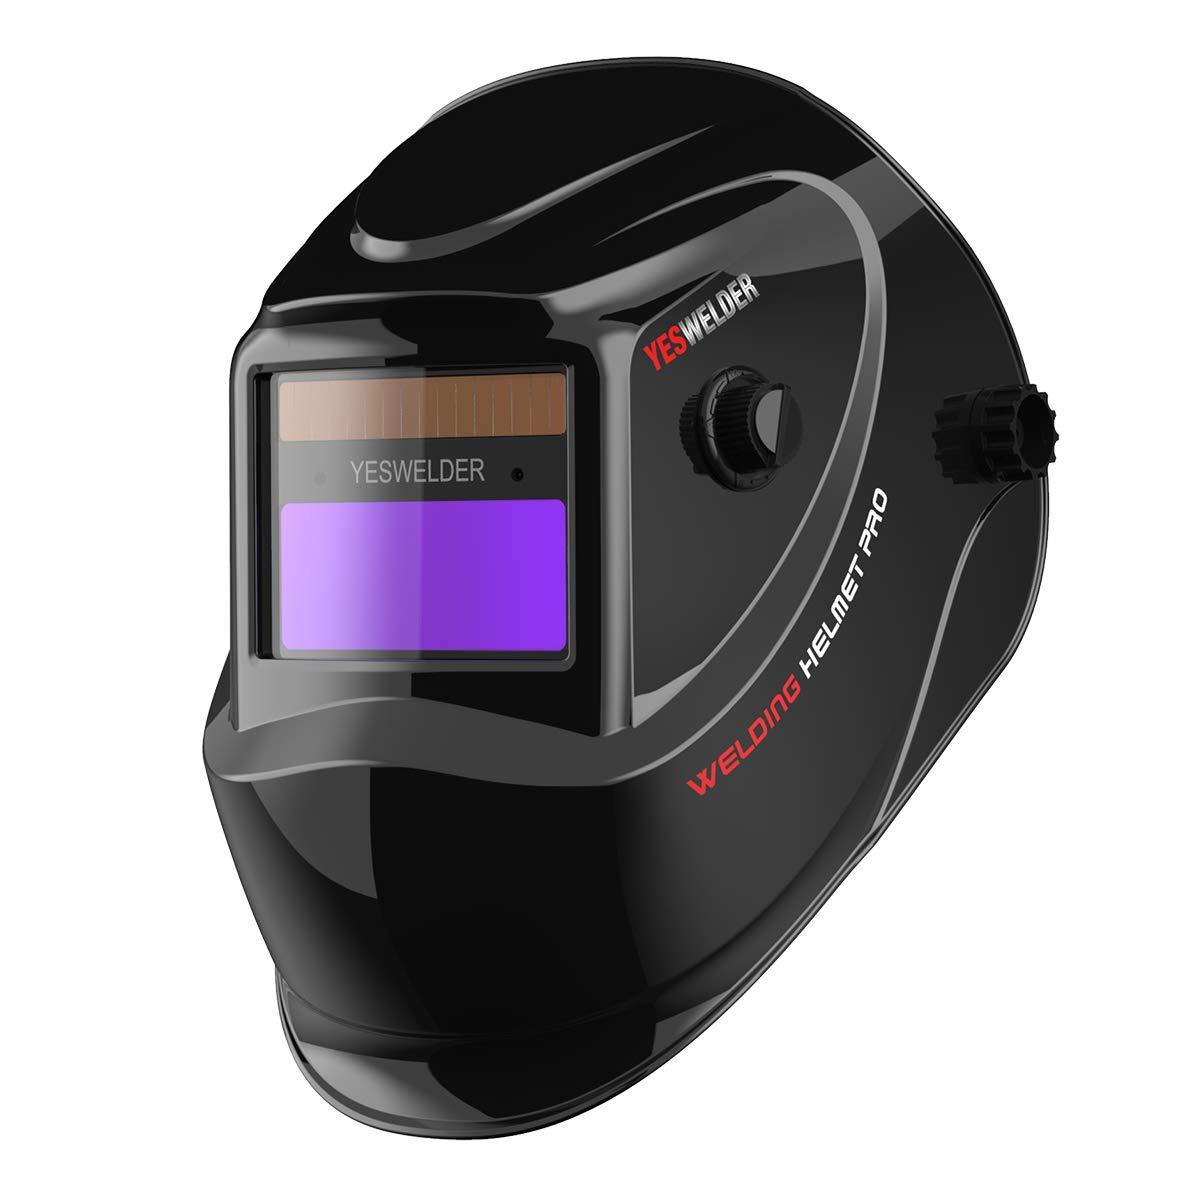 YESWELDER True Color Solar Powered Auto Darkening Welding Helmet, Wide Shade 4/9-13 for TIG MIG ARC Weld Hood Helmet